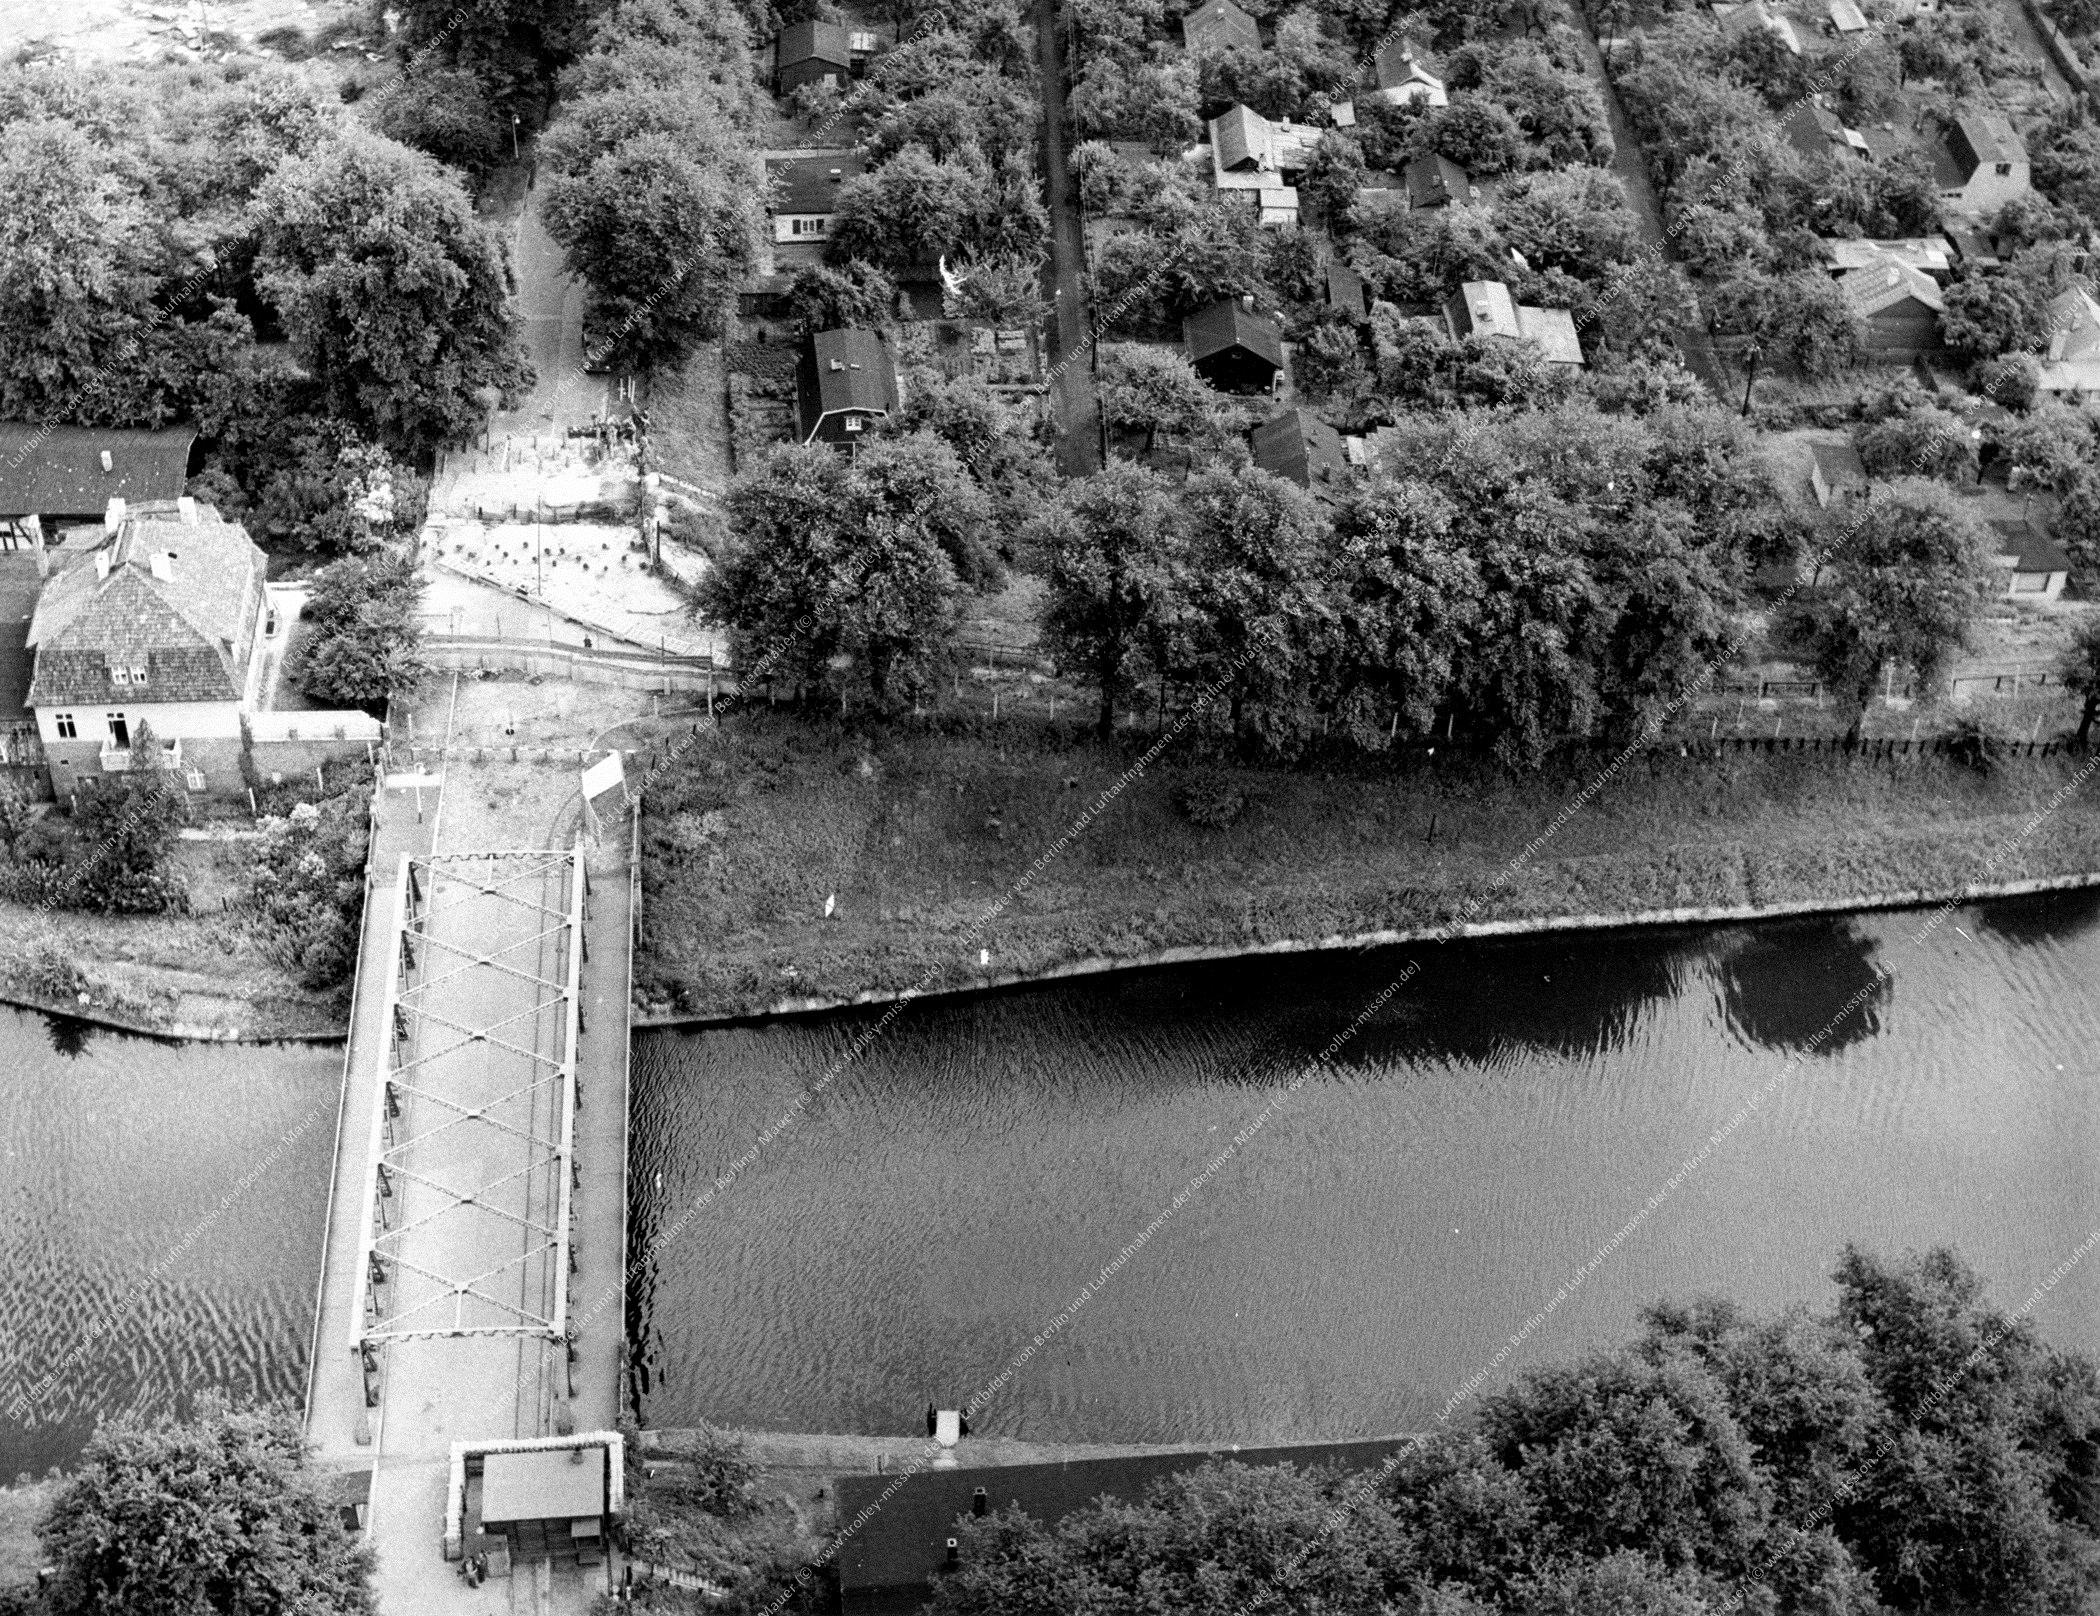 Berlin Luftbild Alte Späthbrücke an der Späthstraße (Bild 024)